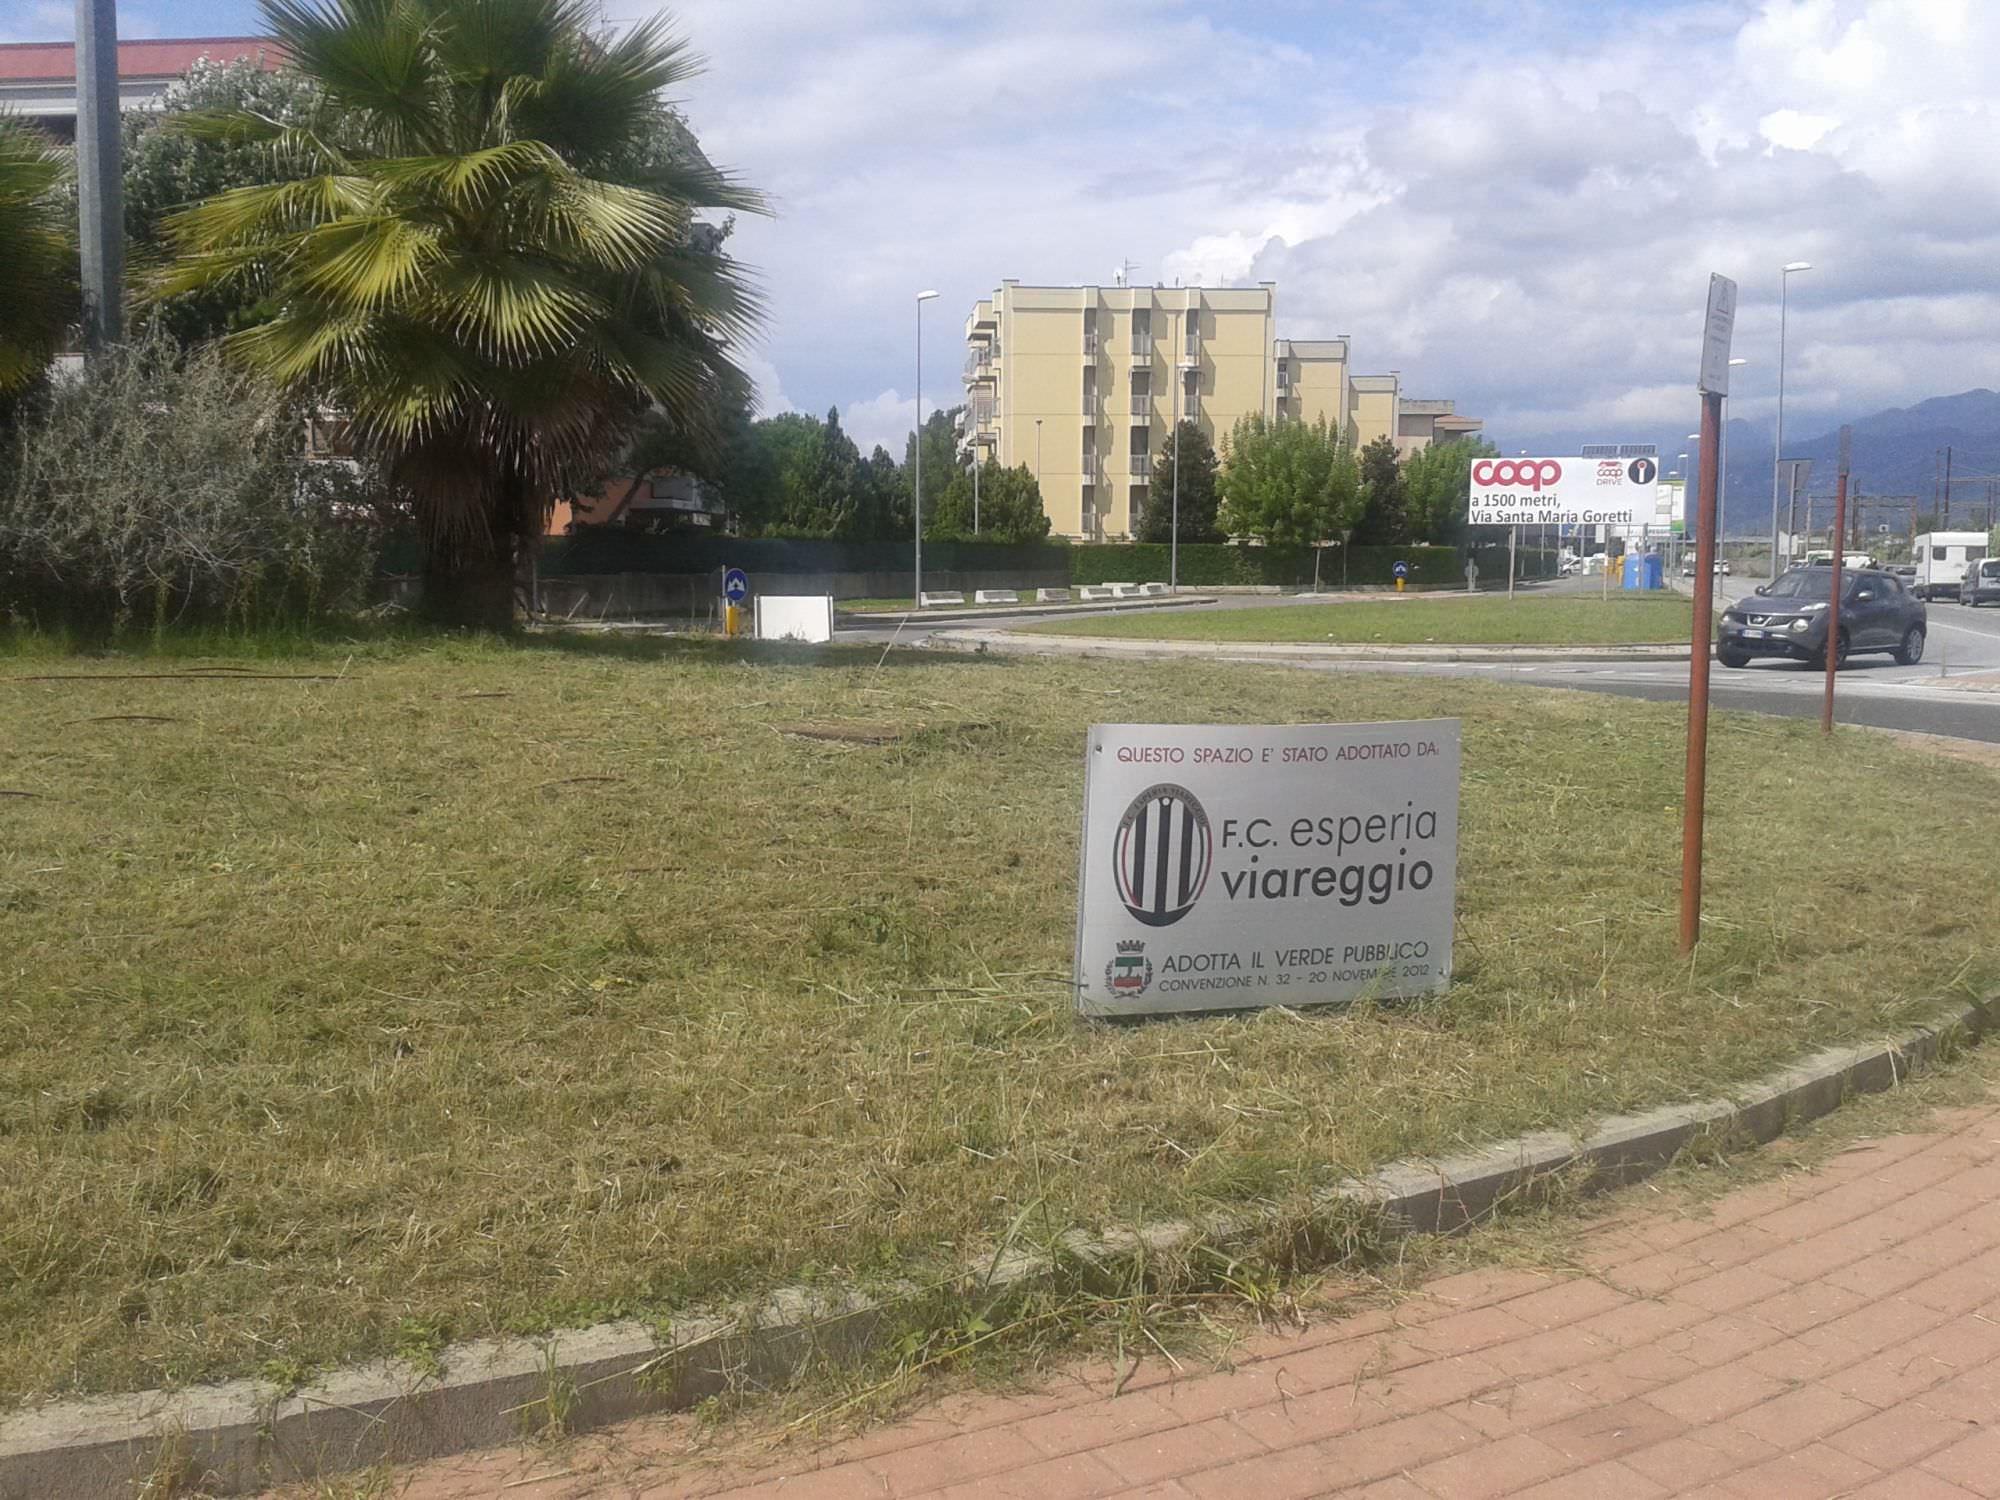 Tagliata l'erba dell'aiuola adottata dall'Esperia Viareggio